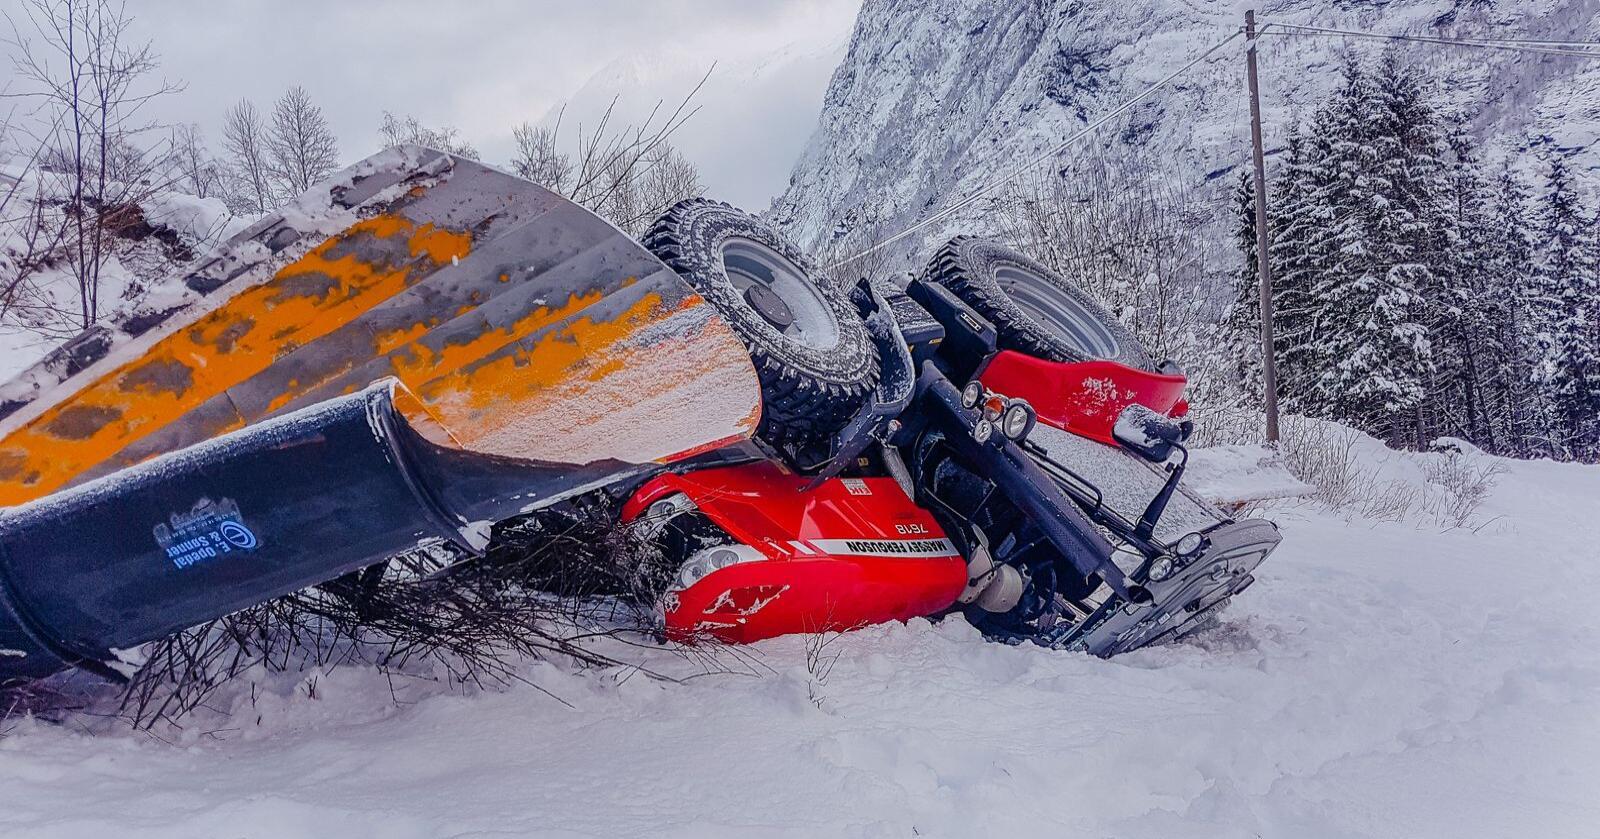 Då Jan Markus Kvamme brøyta vegen ein vinterdag i 2017, begynte traktoren å skli på holkeføret. Han gjorde alt rett for å bremse ned, men det var ikkje nok: Traktoren landa på taket etter eit fall på fire meter ned ein bratt skråning. Utan setebelte hadde det gått ille. (Foto: Jan Markus Kvamme)